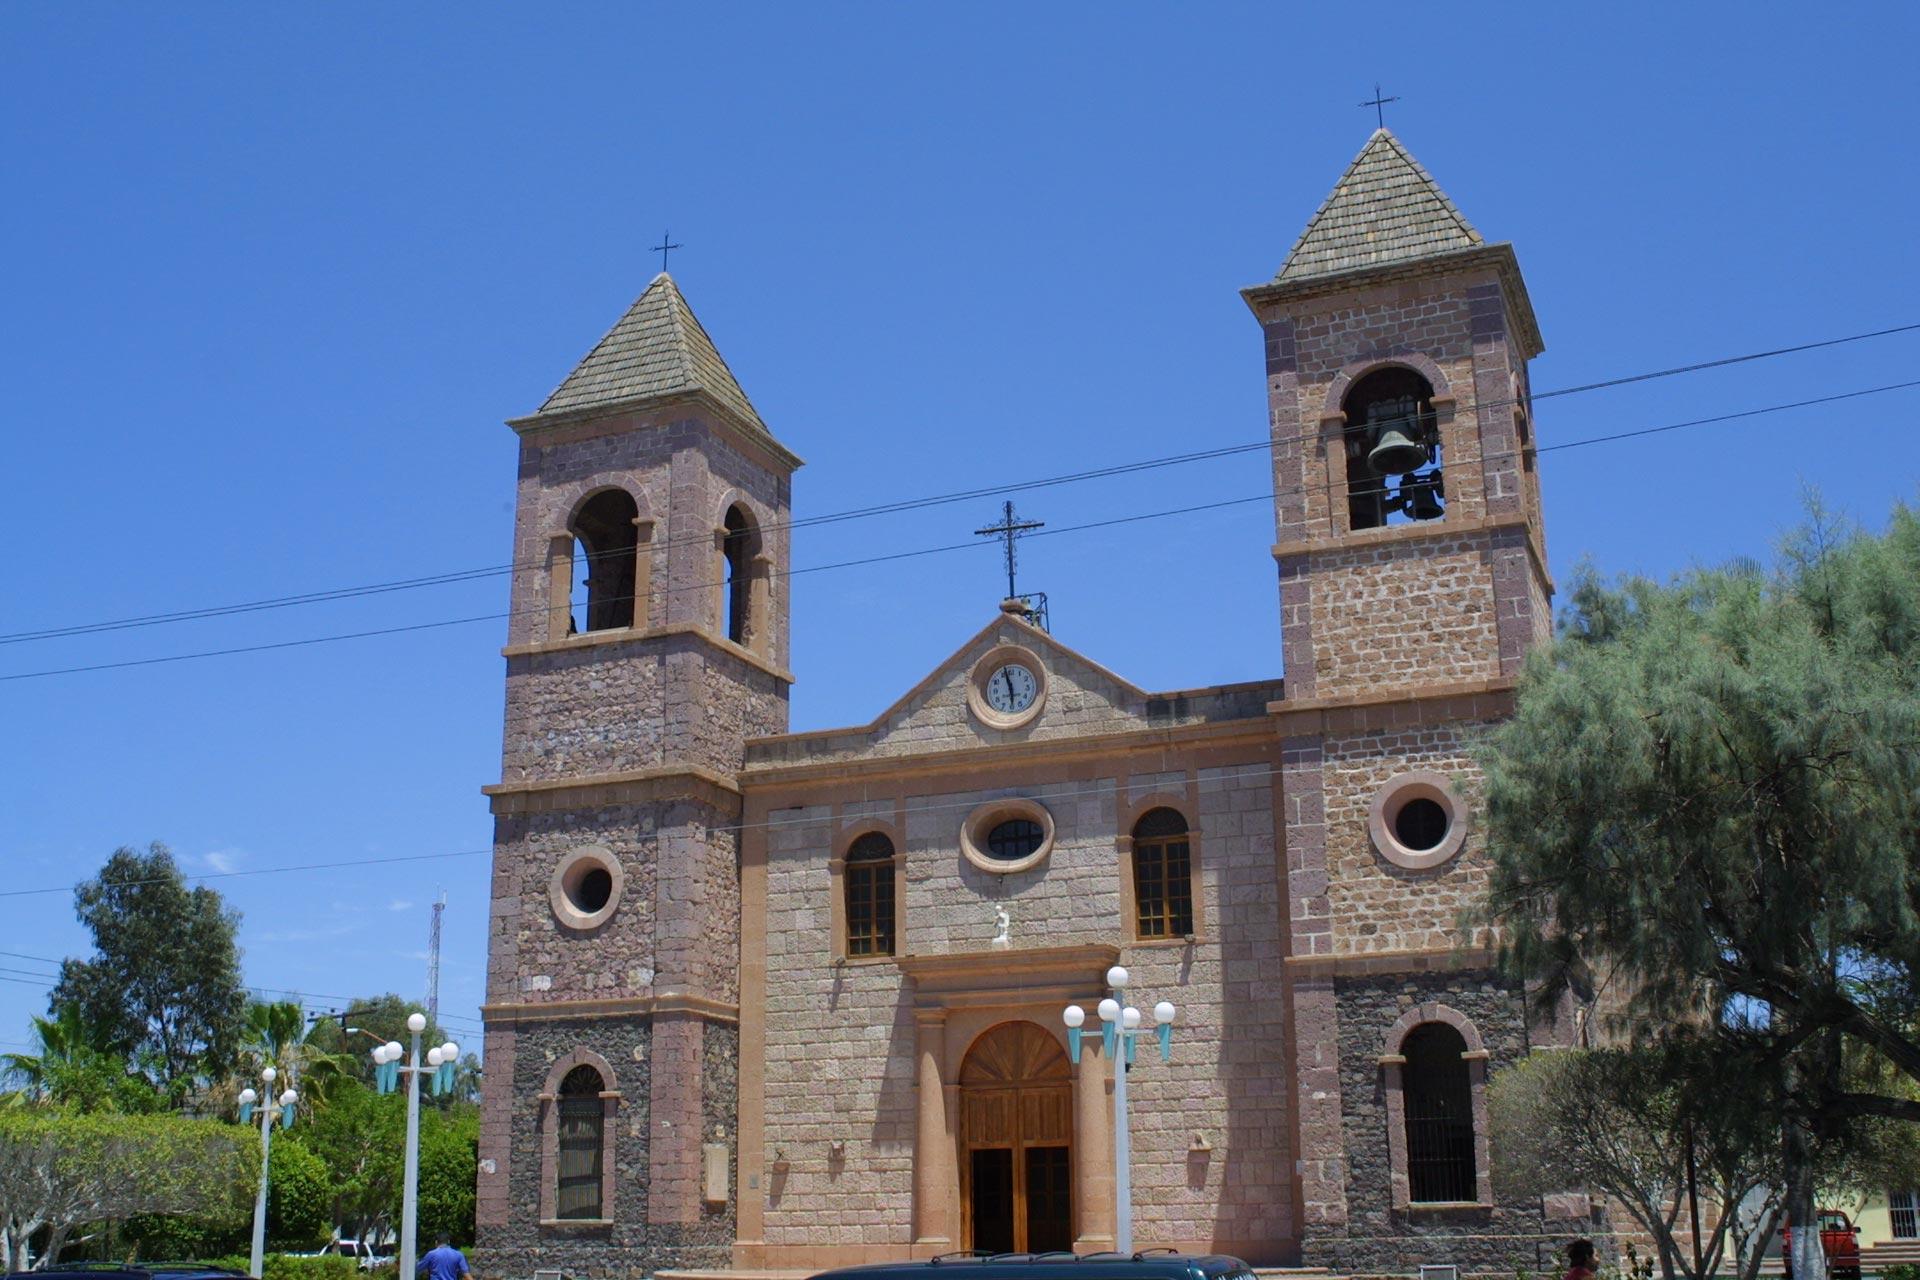 La Paz, Baja California Sur